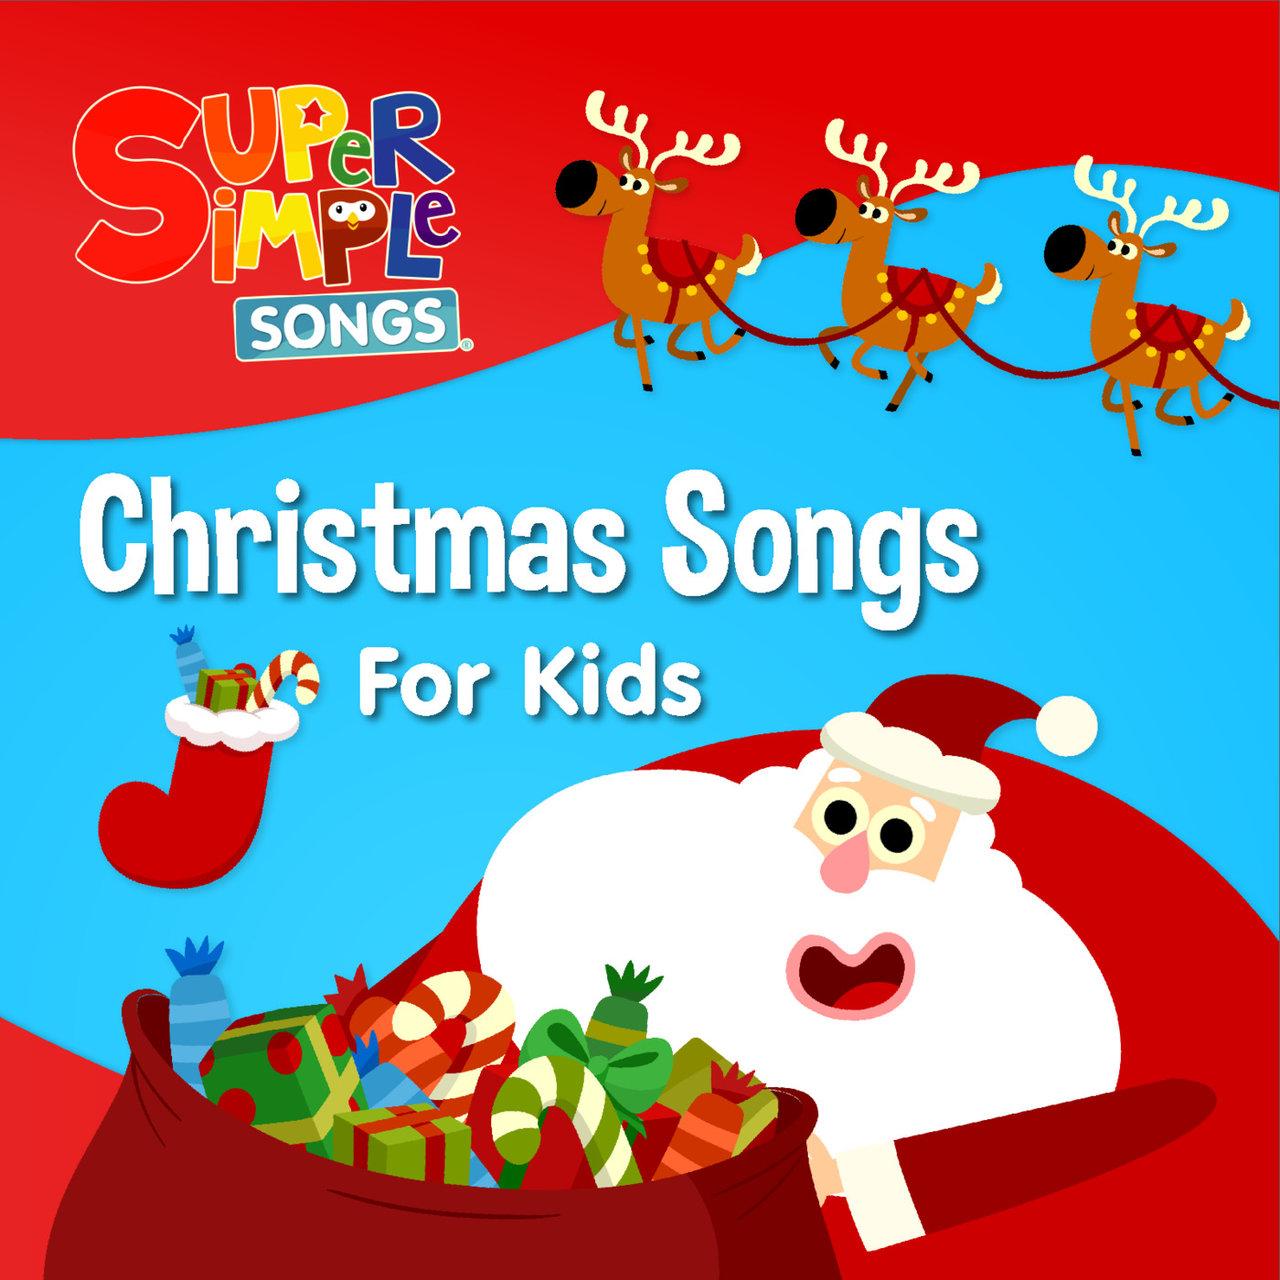 TIDAL: Listen to Christmas Songs for Kids on TIDAL